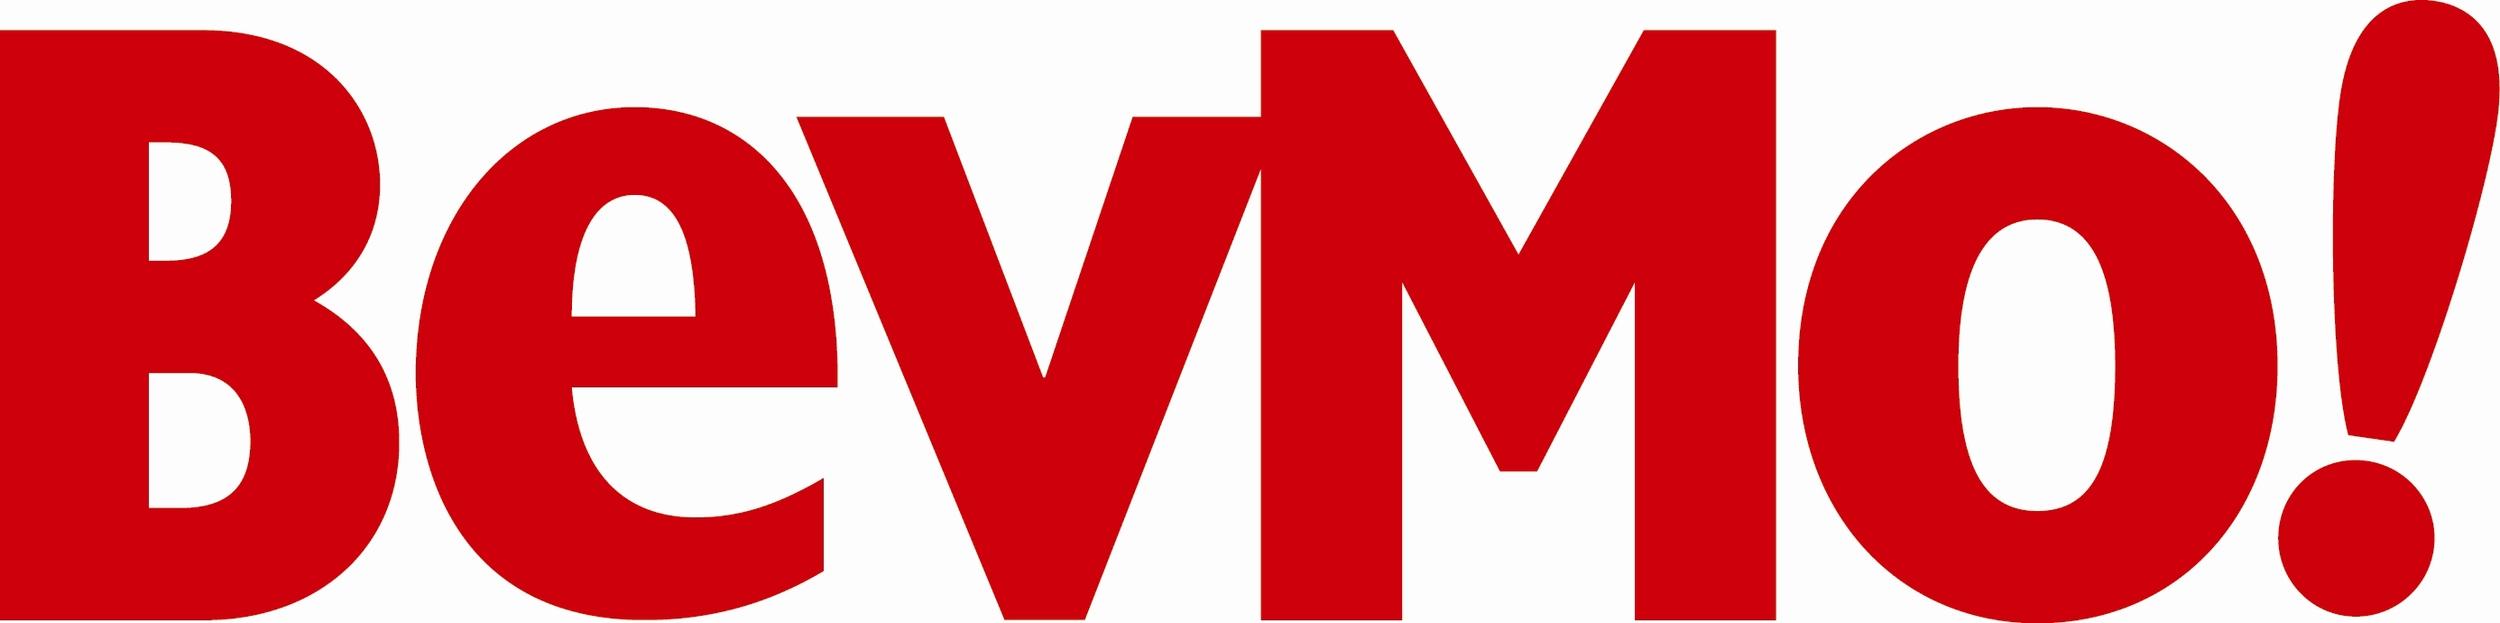 bevmo-logo.jpg